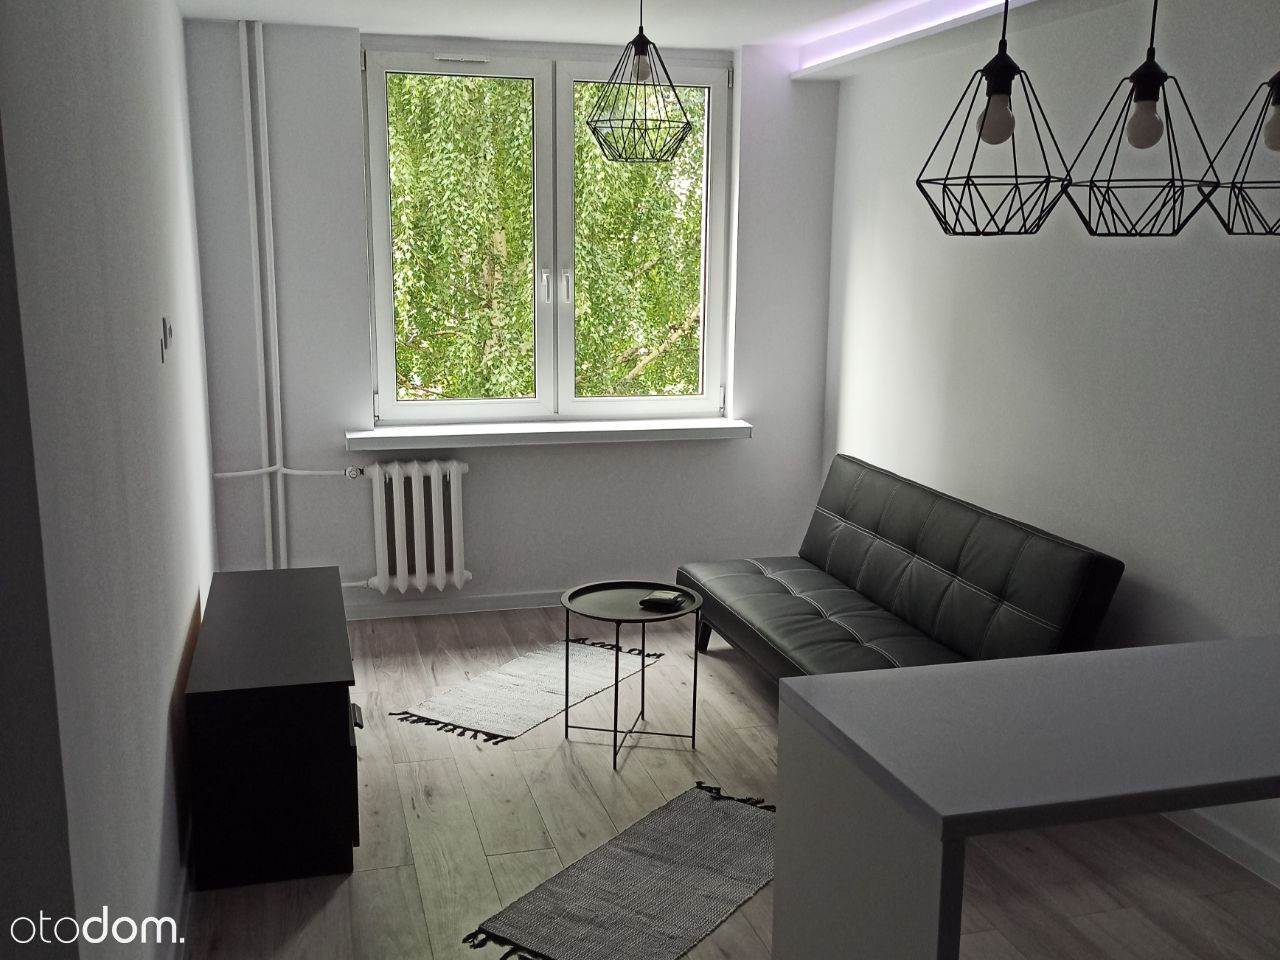 2 pokojowe mieszkanie po remoncie Sosnowiec pogoń